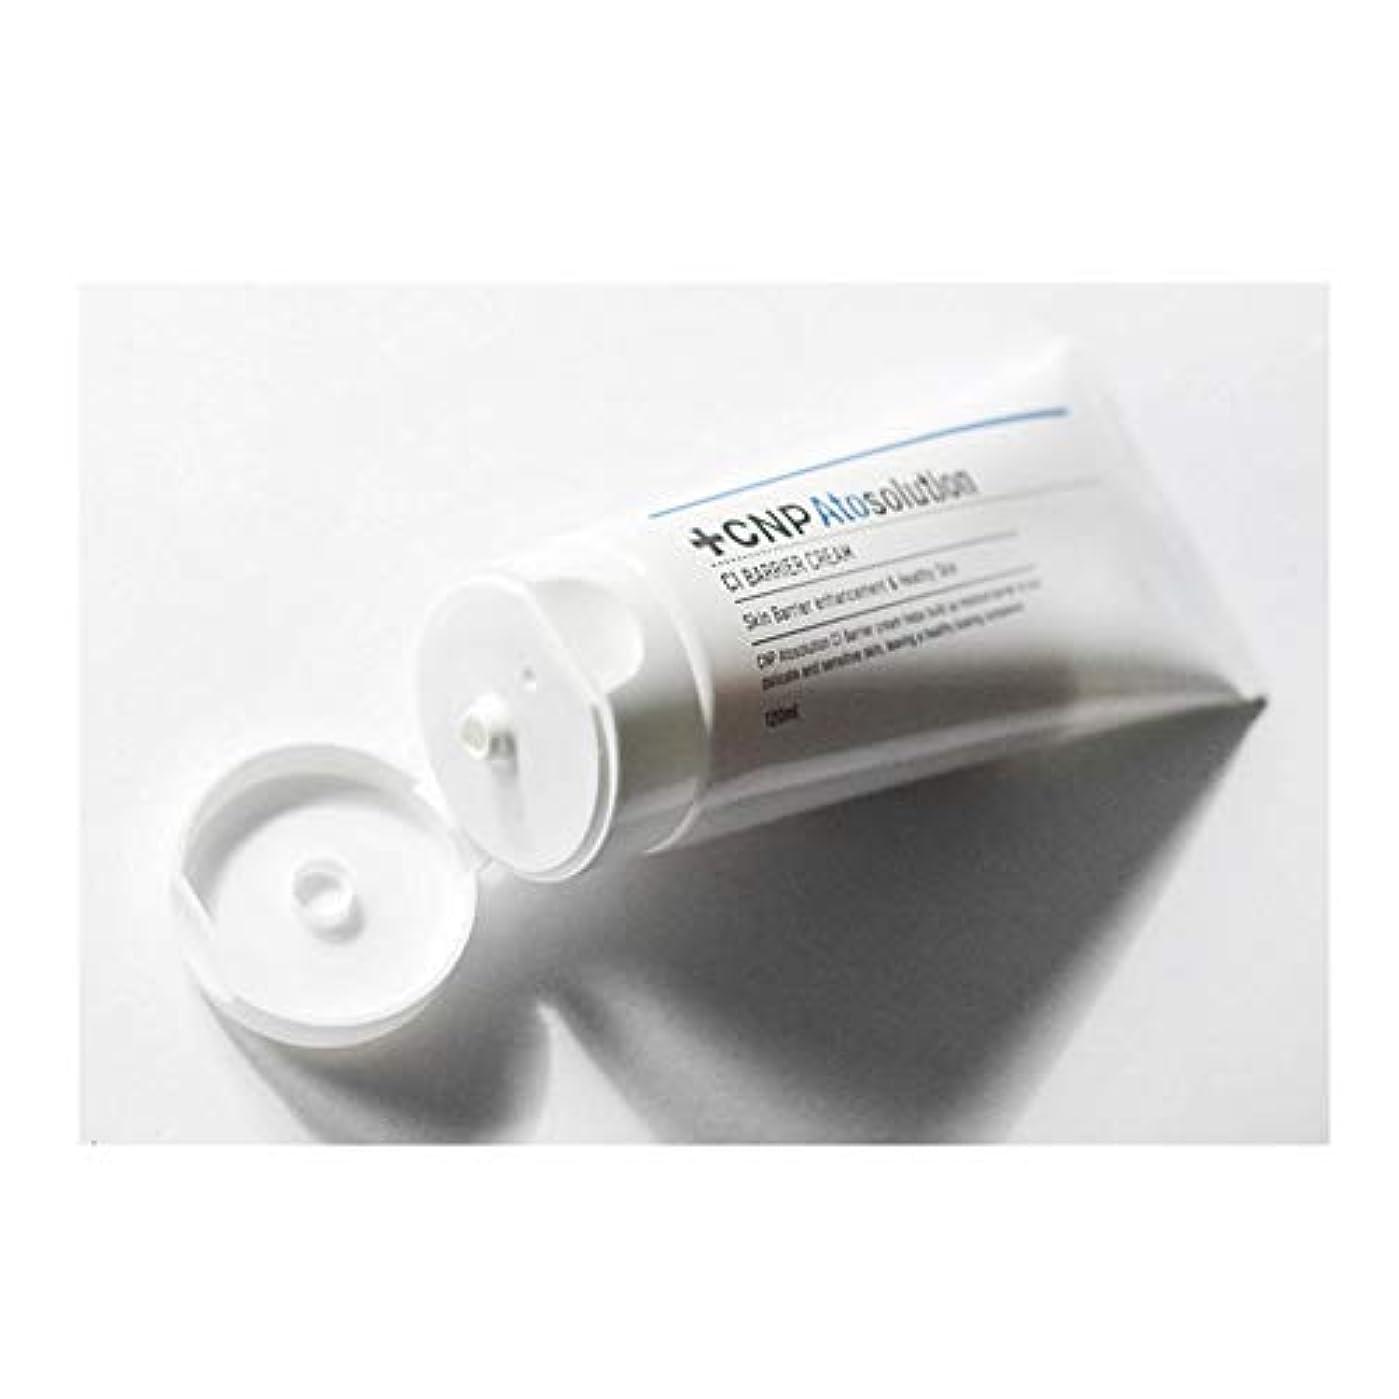 CNPアートソリューションC1バリアクリーム120ml韓国コスメ、CNP Ato Solution C1 Barrier Cream 120ml Korean Cosmetics [並行輸入品]